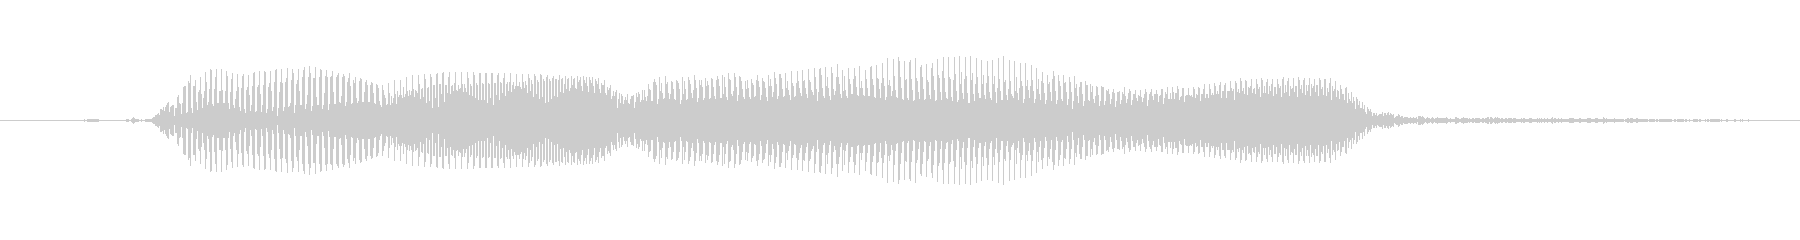 ごめんの未再生の波形